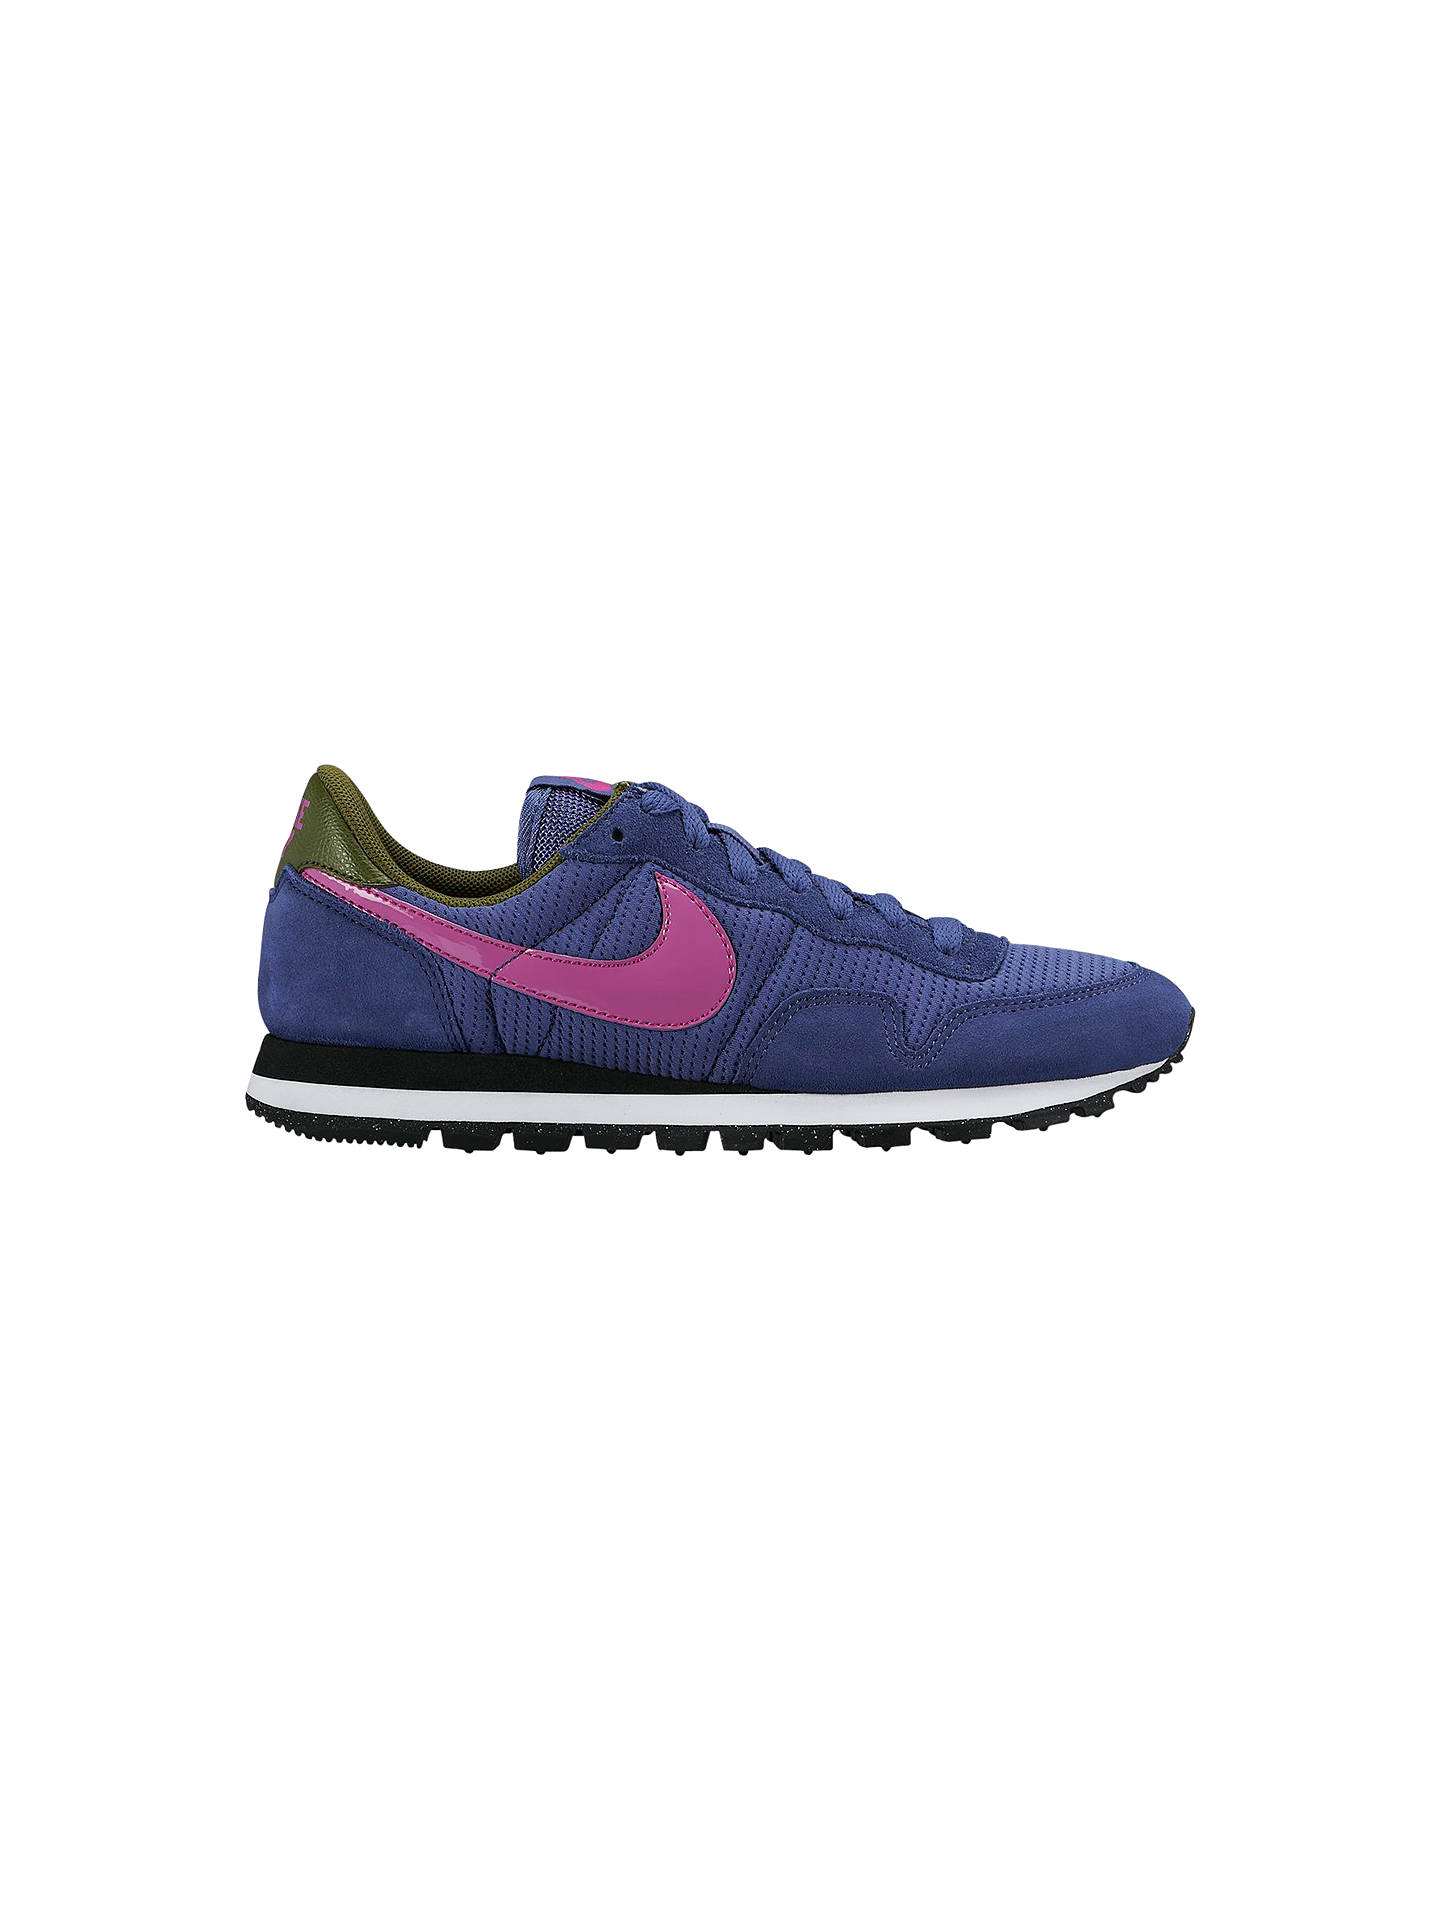 500bf92212e1 Nike Air Pegasus 83 Women s Running Shoes at John Lewis   Partners